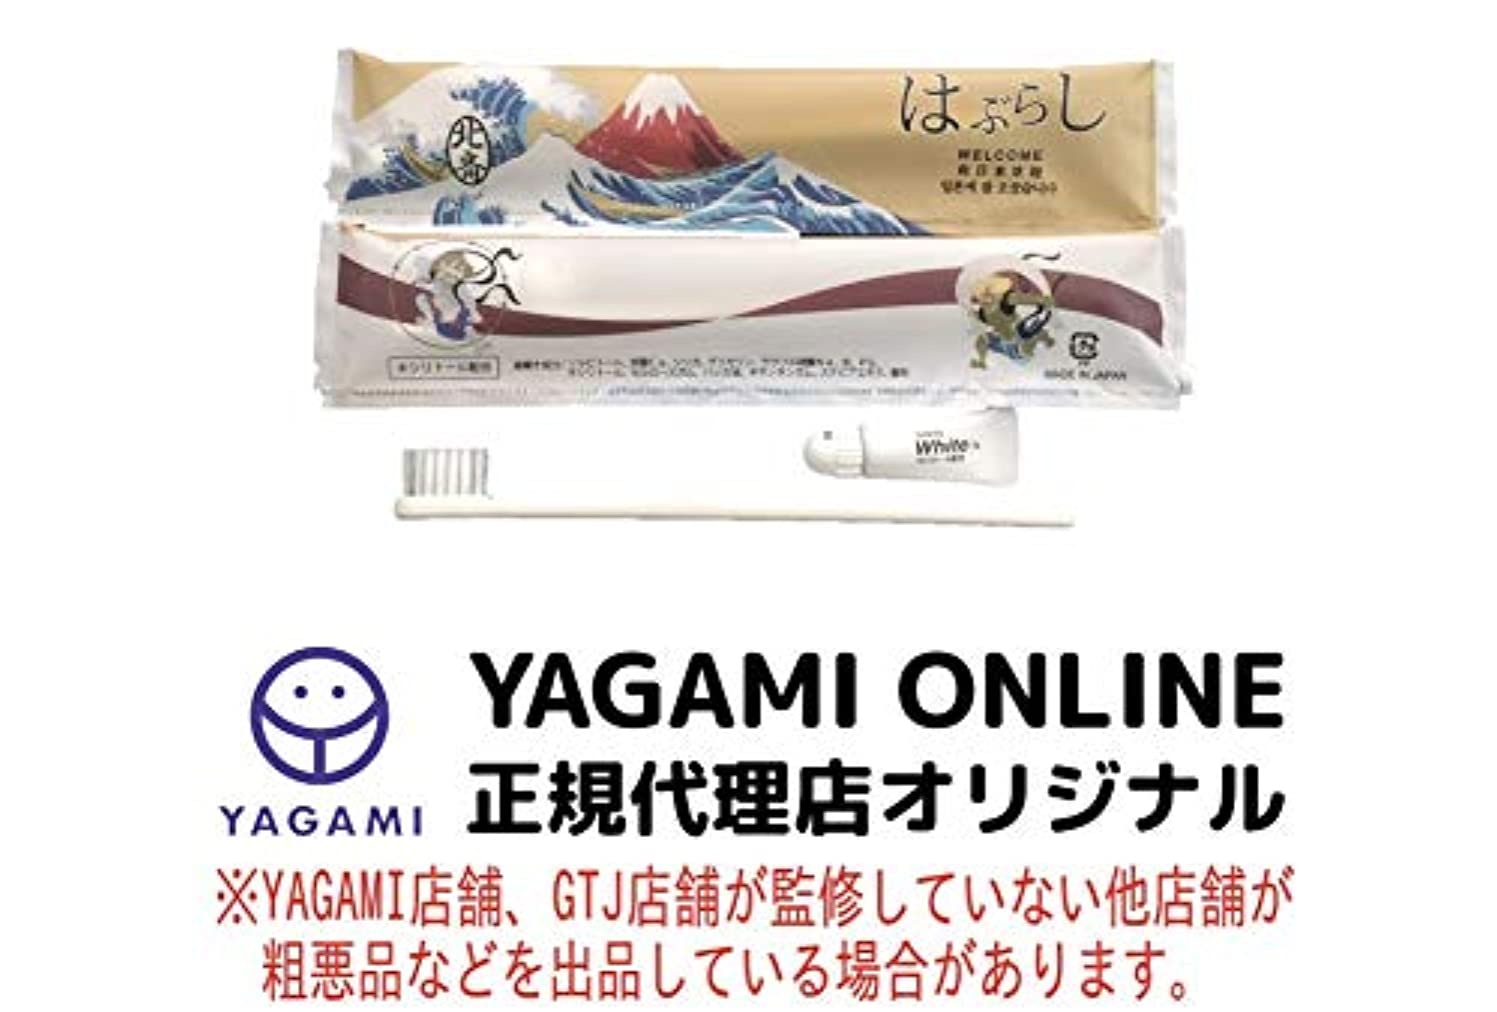 つま先杭定期的使い捨てハブラシ JS-5M 100本 日本製 JAPANSERIES アメニティ 日本シリーズ 葛飾北斎 100本セット